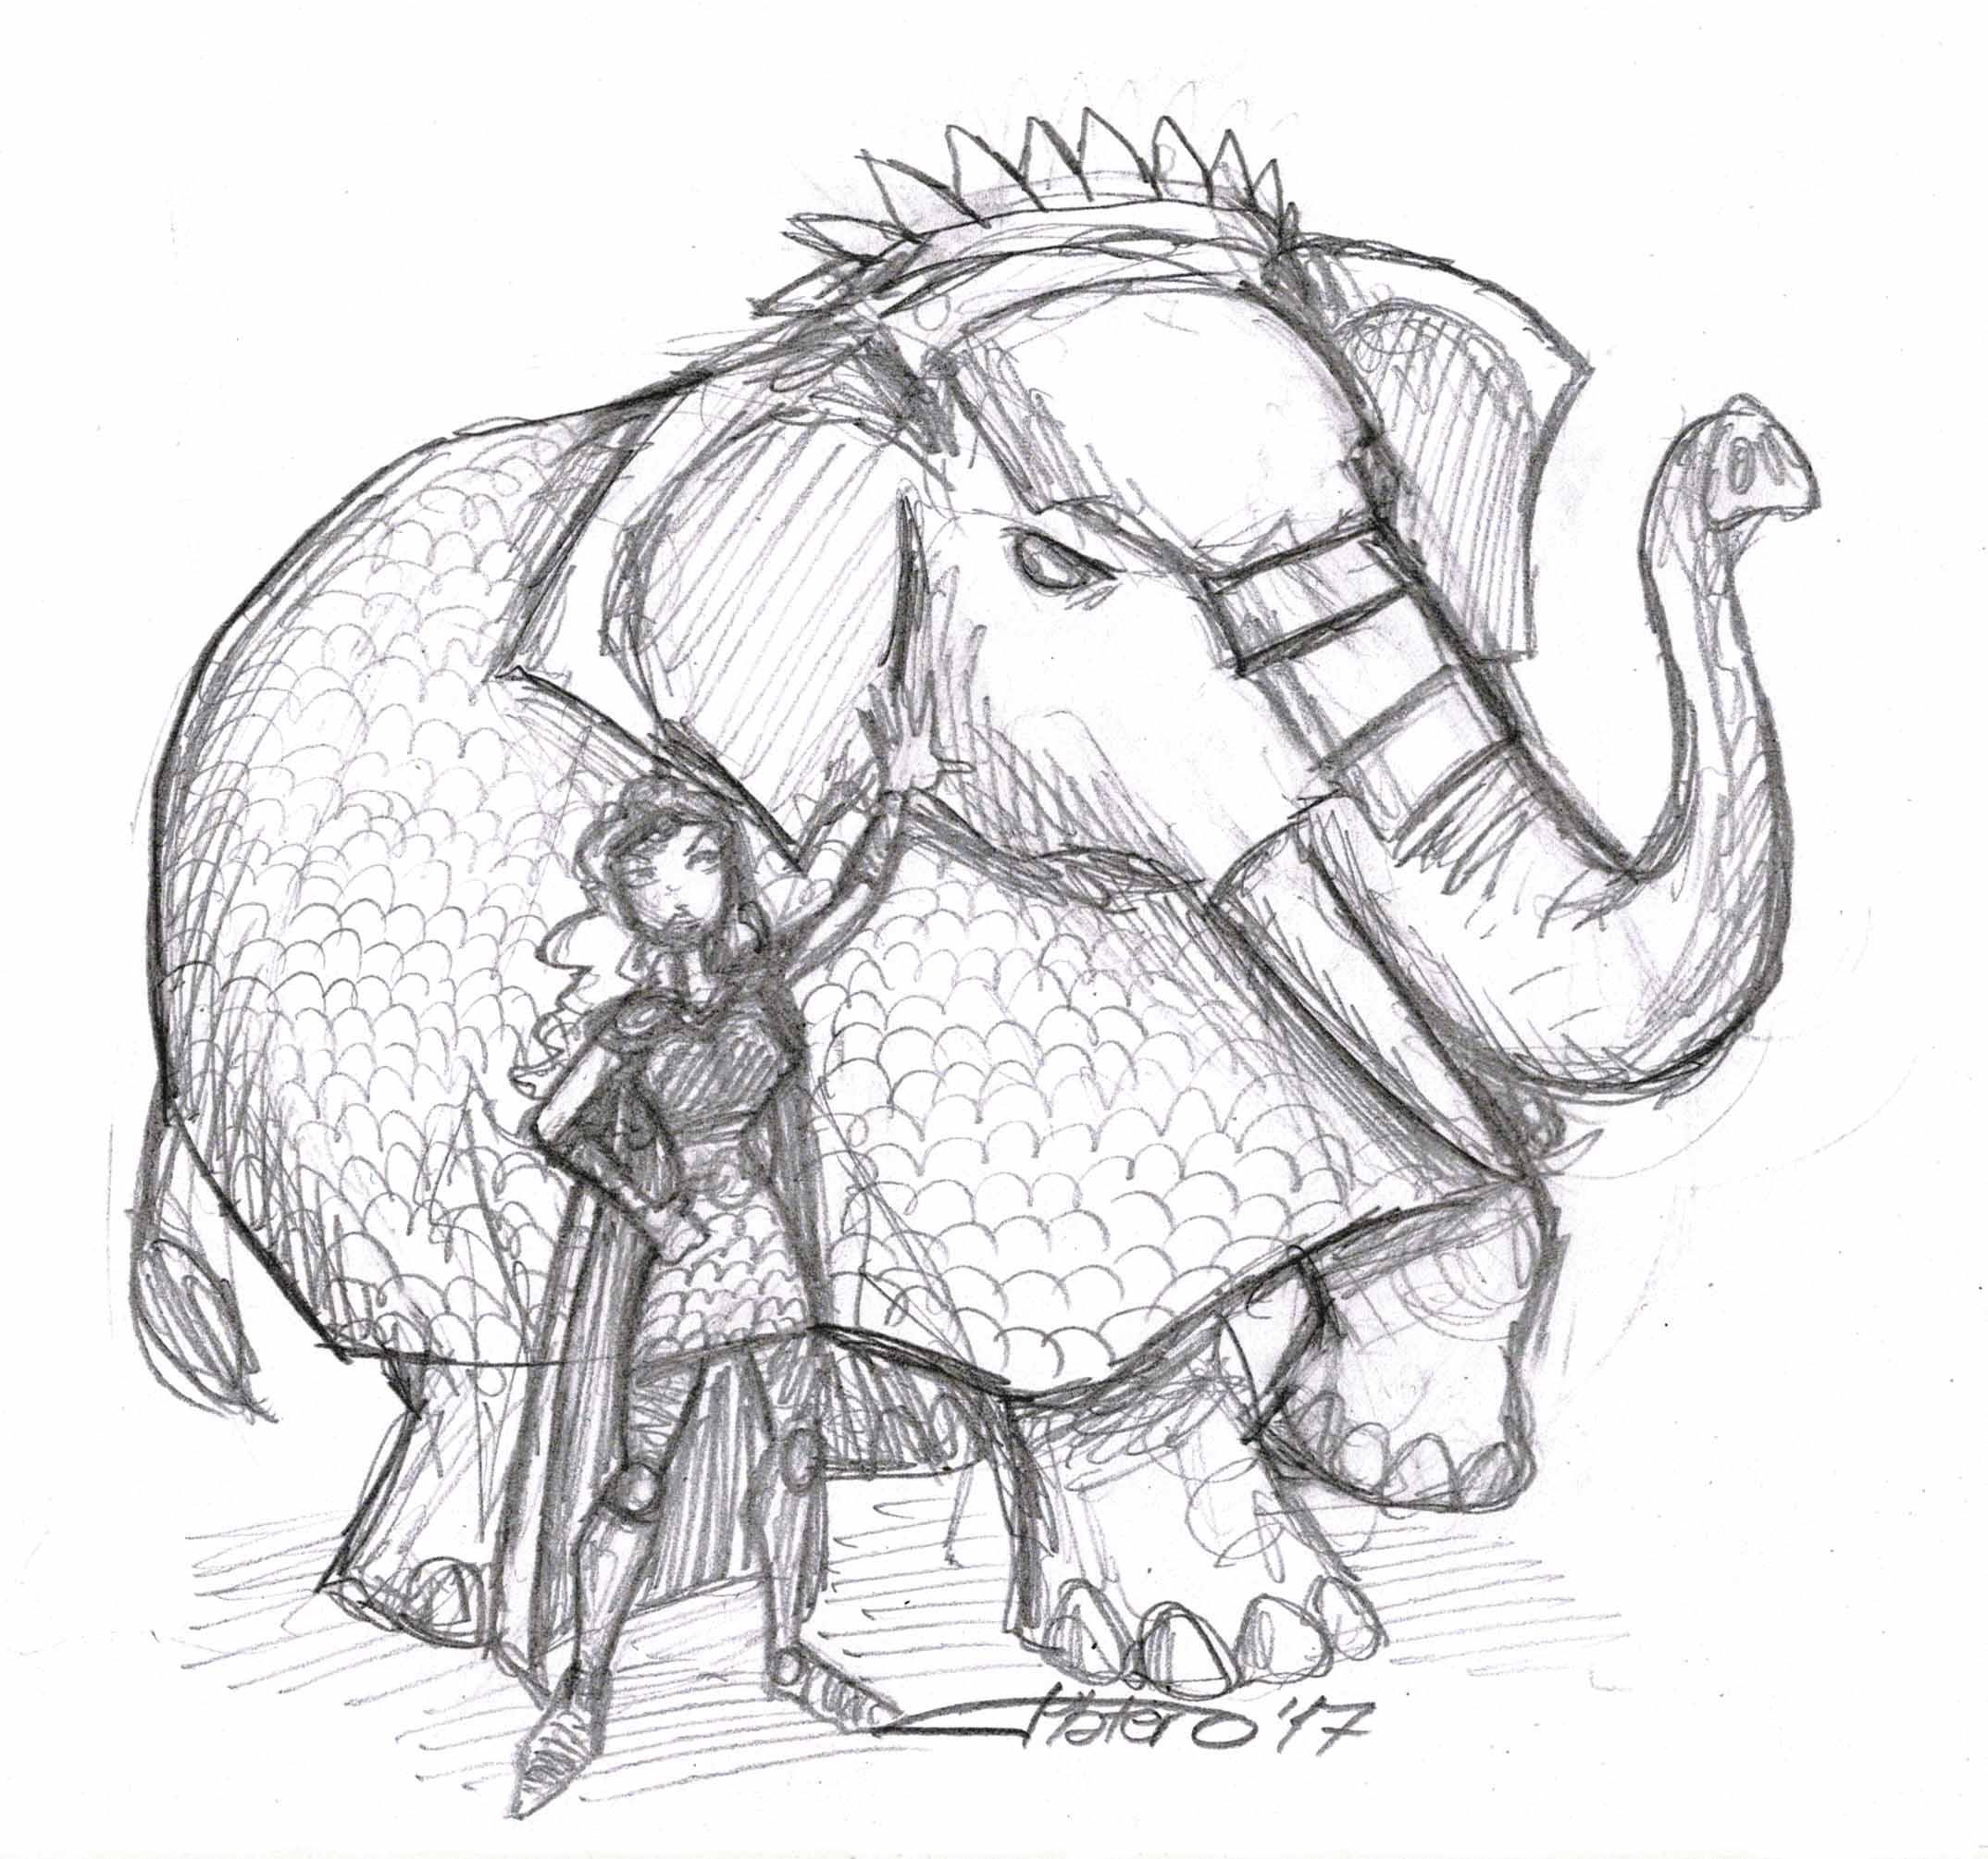 Encantadora de Elefantes